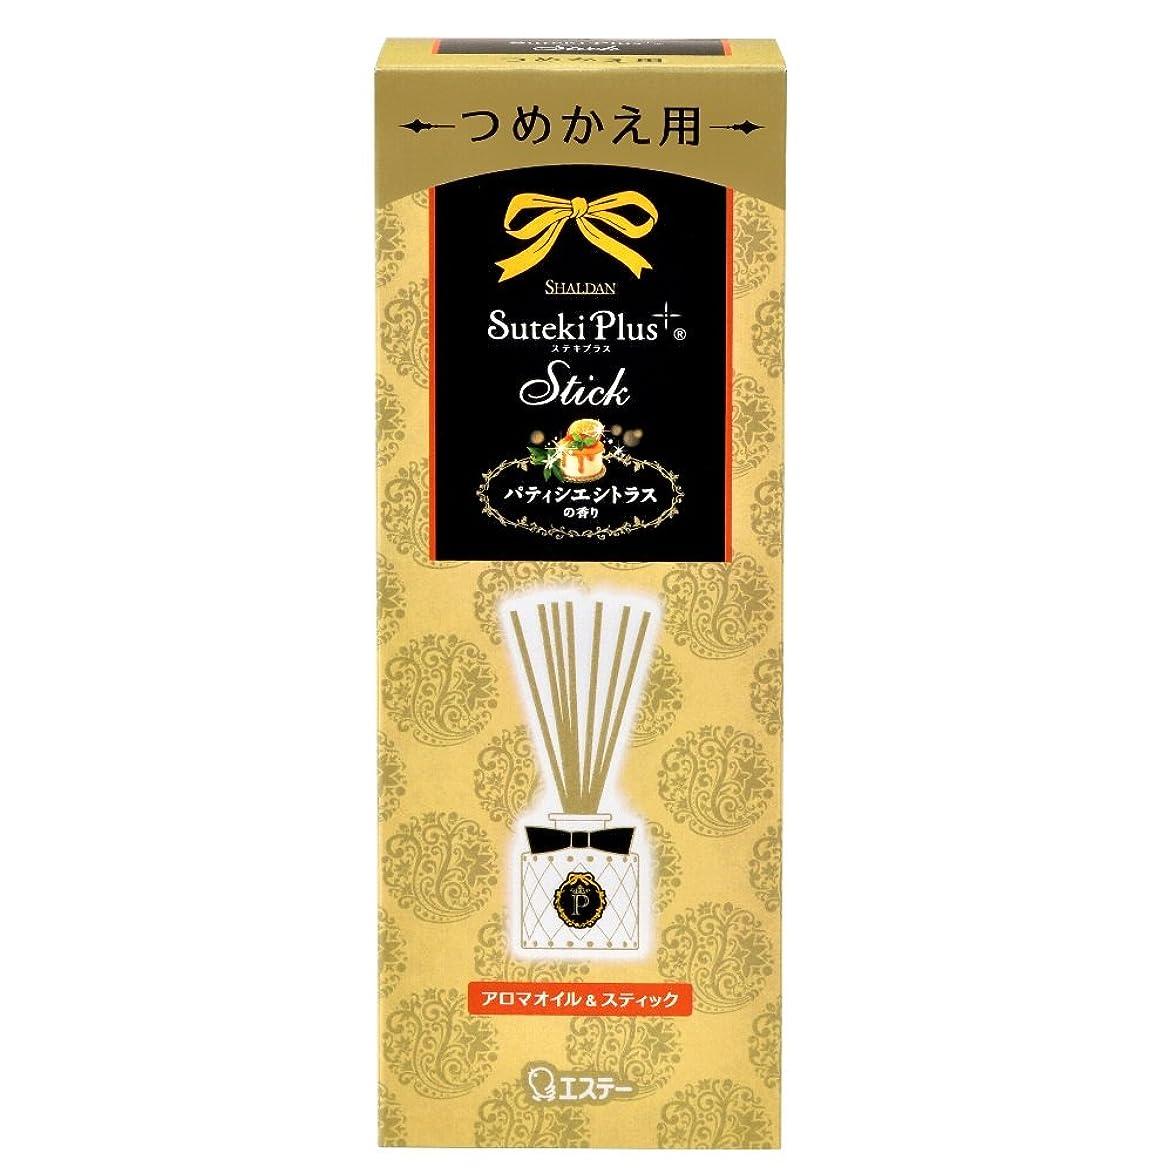 ビジネス近々貢献するシャルダン ステキプラス スティック 消臭芳香剤 部屋用 つめかえ パティシエシトラスの香り 45ml